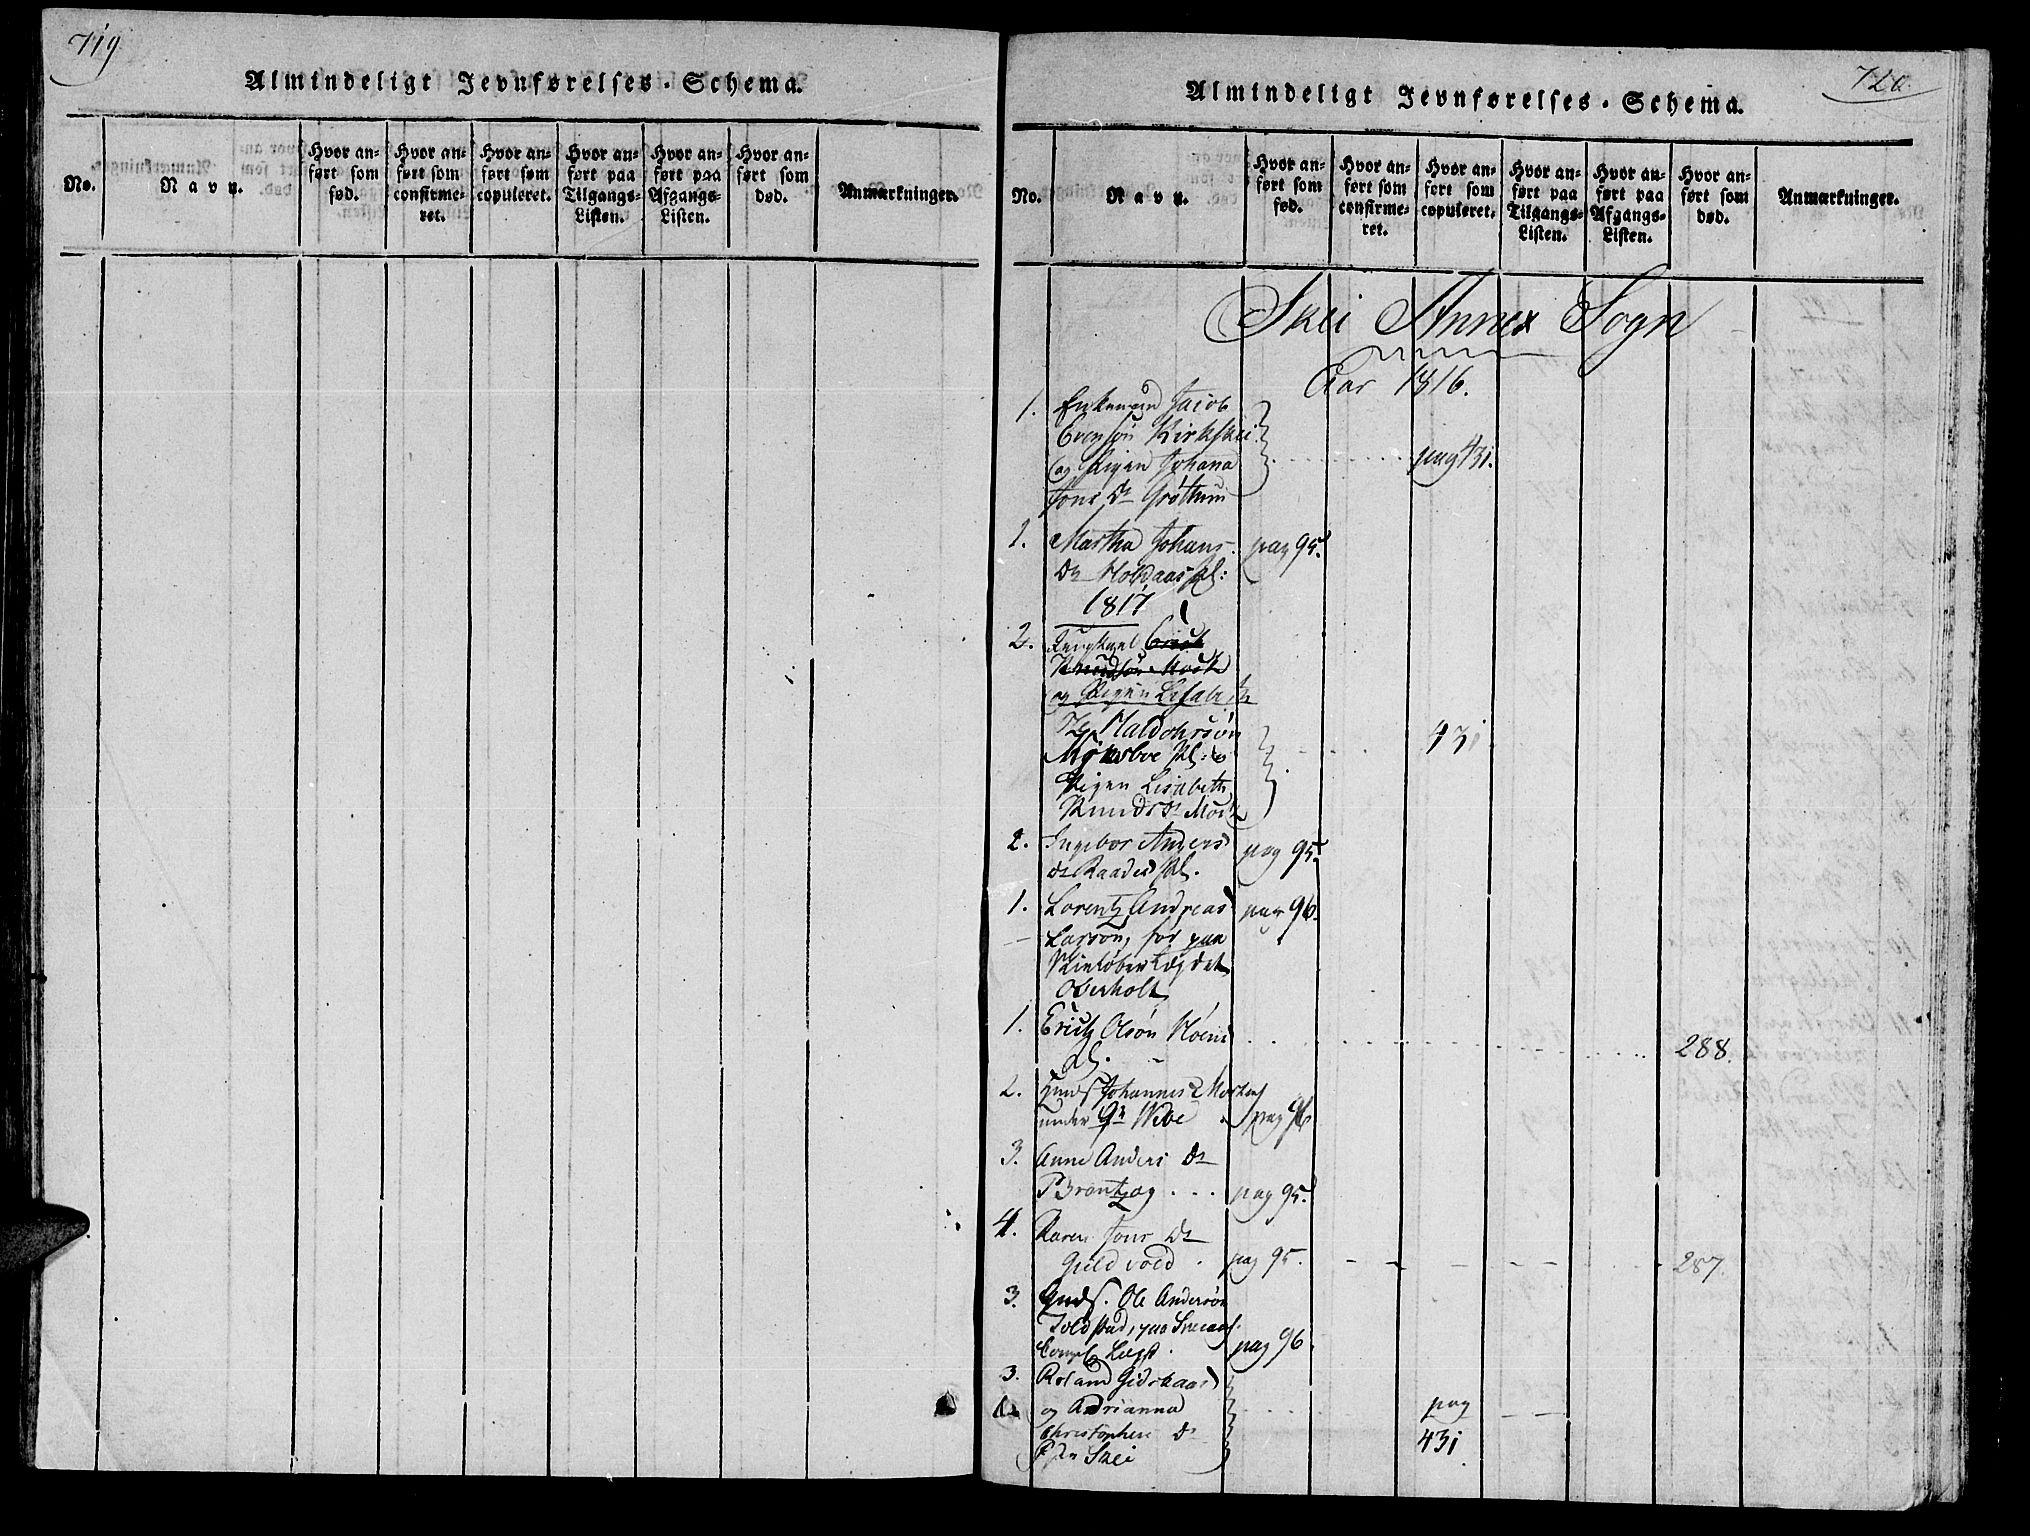 SAT, Ministerialprotokoller, klokkerbøker og fødselsregistre - Nord-Trøndelag, 735/L0333: Ministerialbok nr. 735A04 /2, 1816-1825, s. 719-720